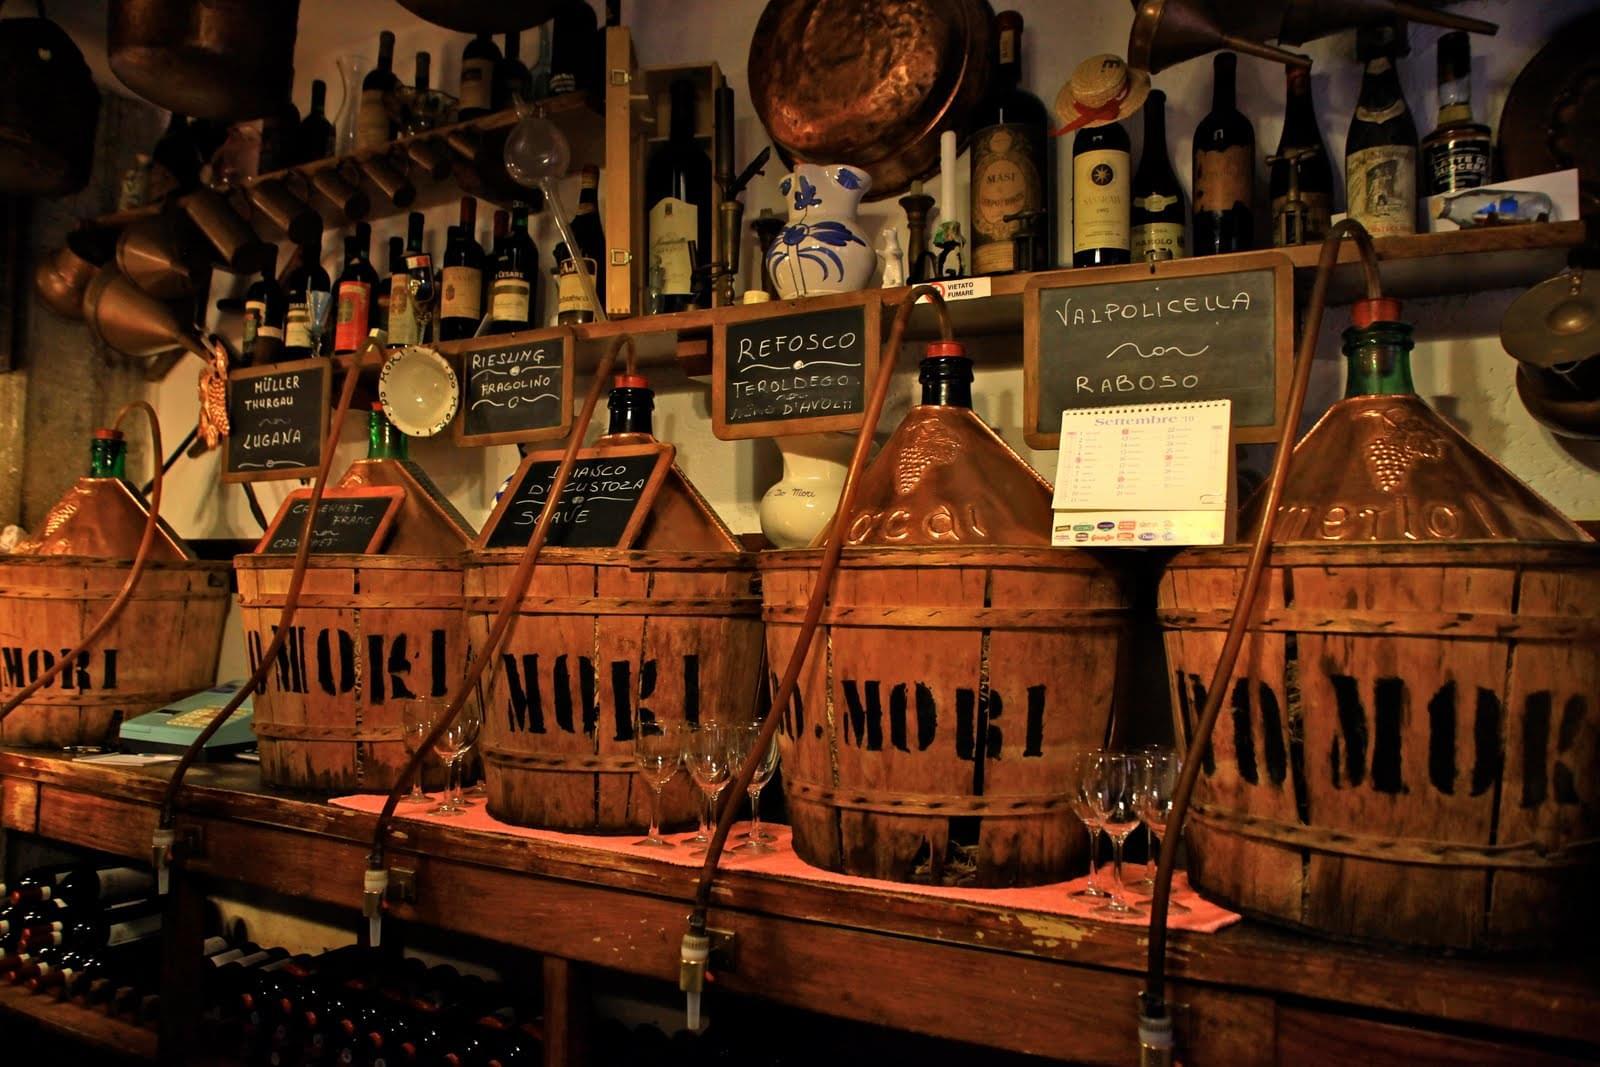 雰囲気満点のイタリア版居酒屋、ヴェネツィア名物バーカロって!?